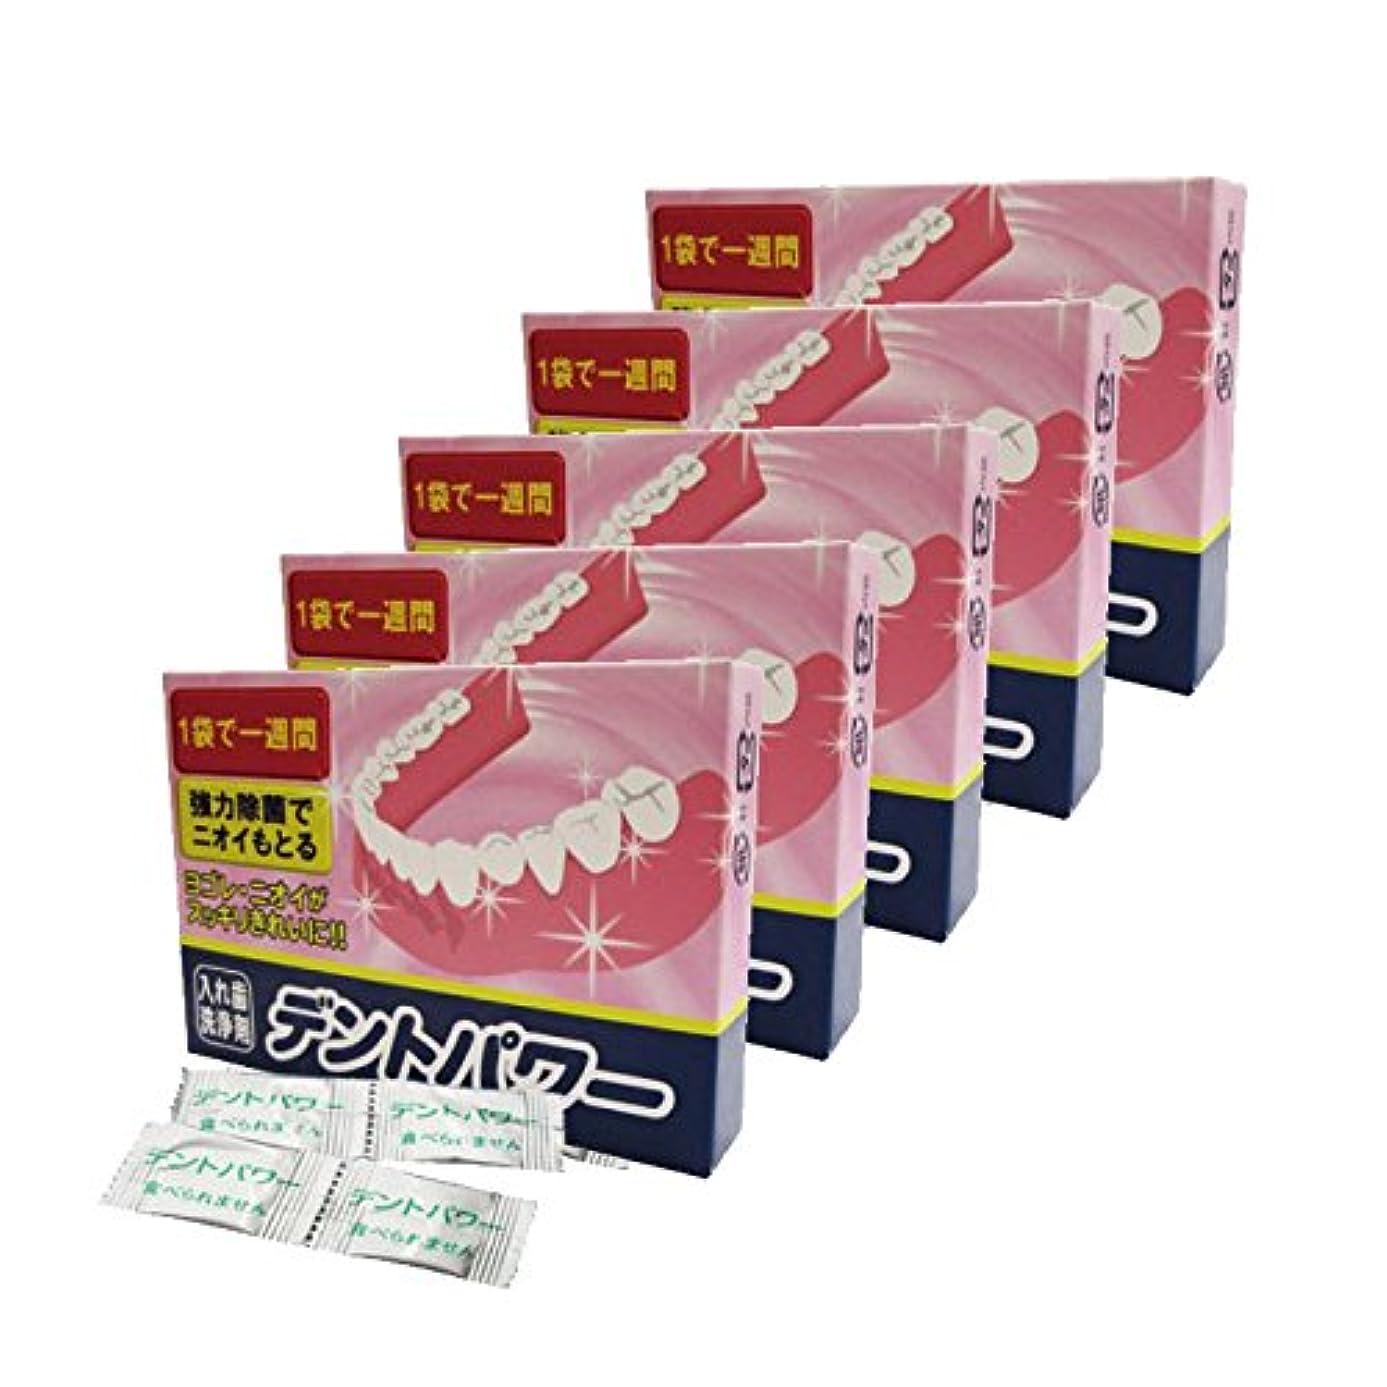 能力批評容疑者デントパワー 入れ歯洗浄剤 5ヵ月用x5個セット